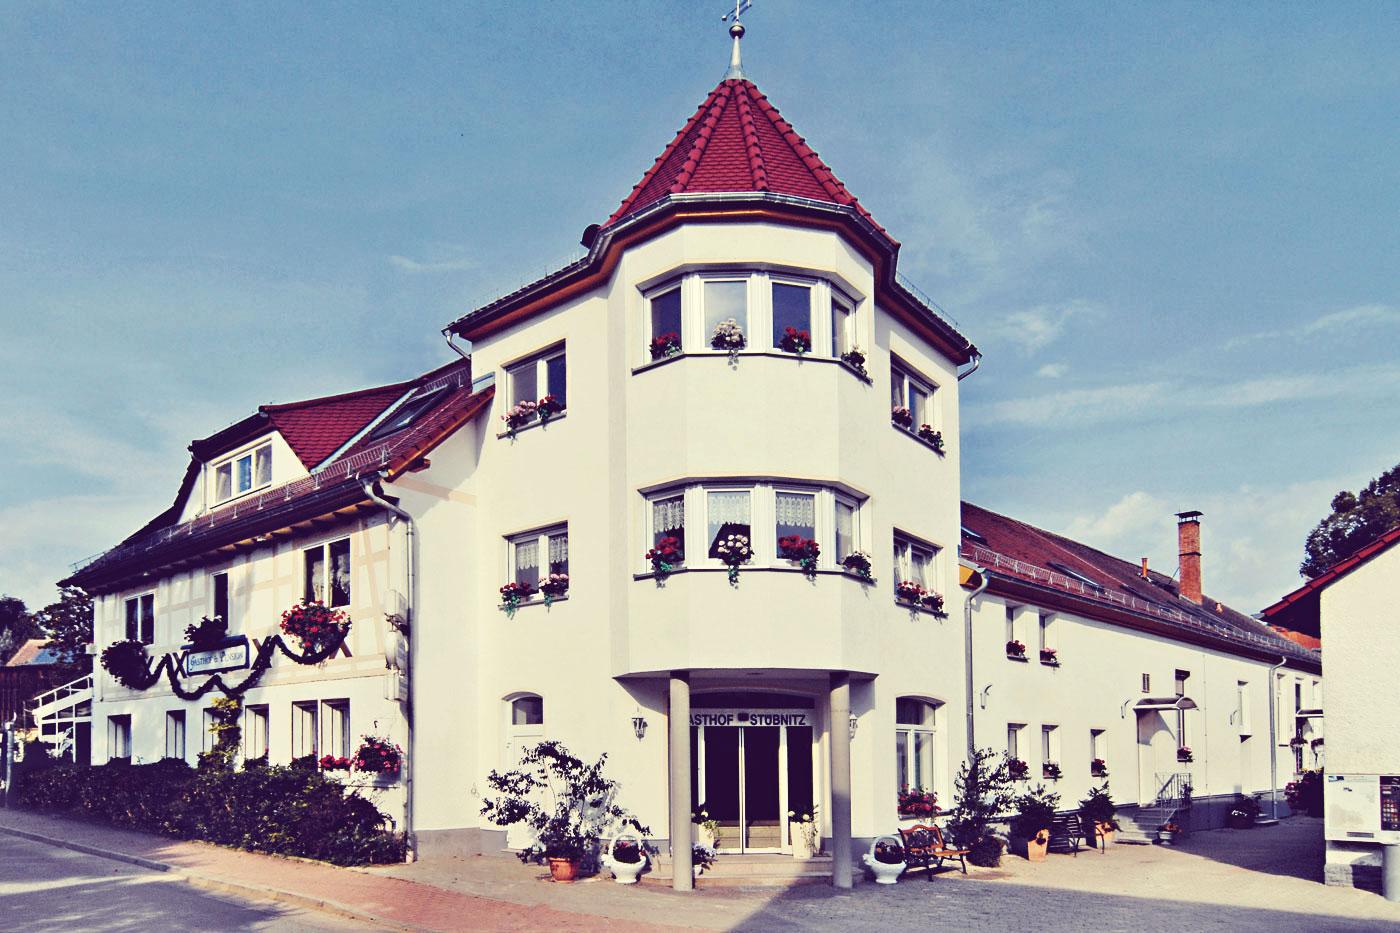 Gasthof Stübnitz